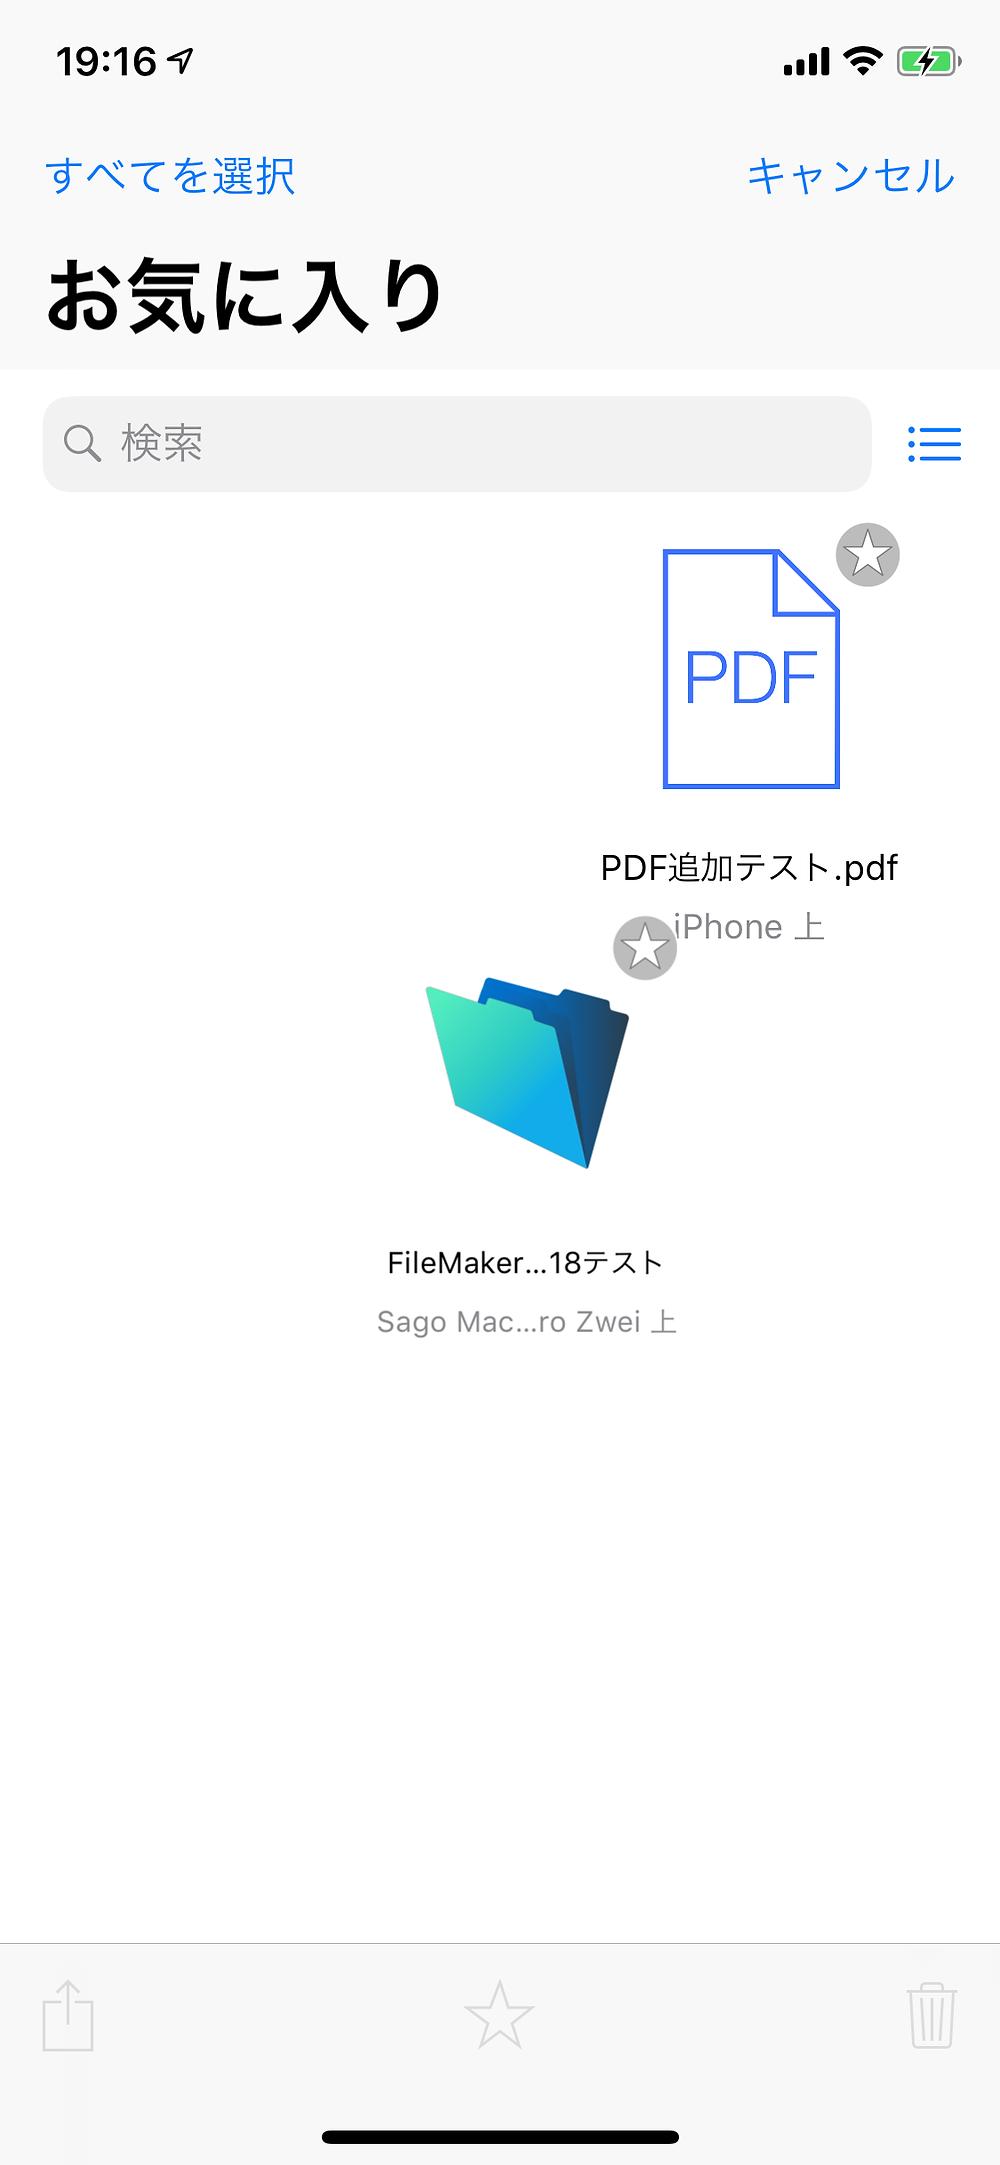 FileMaker Go 18 お気に入り(タイル表示)